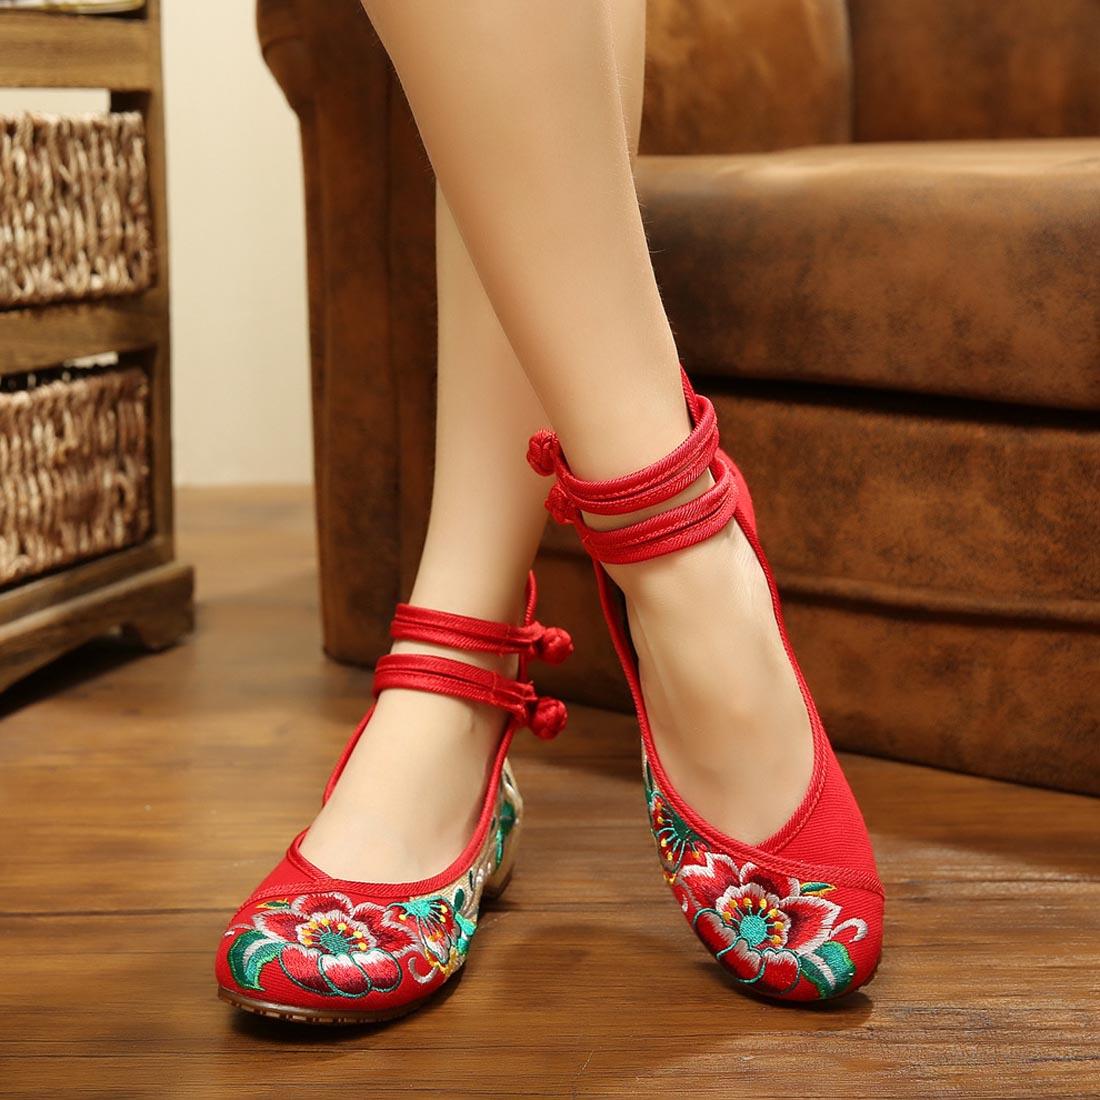 Sapatos chineses mulheres bordados mary jane tecido apartamentos tradicional bordado antigo flor de pequim lona casual tamanho grande